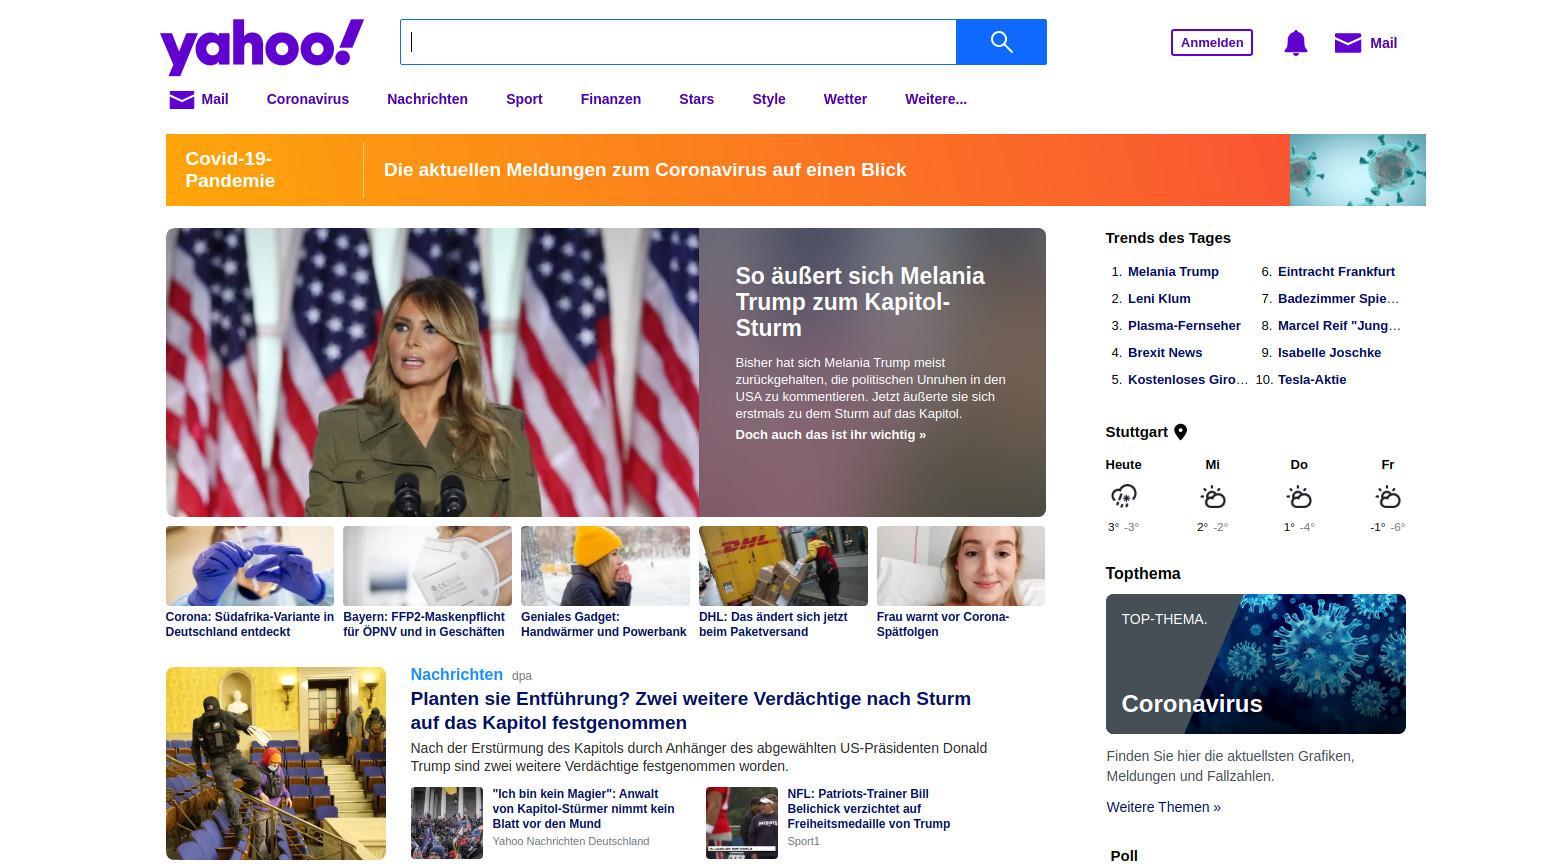 Yahoo ist ein Urgestein der Suchmaschinen. Mittlerweile nutzen immer weniger Menschen den Dienst.